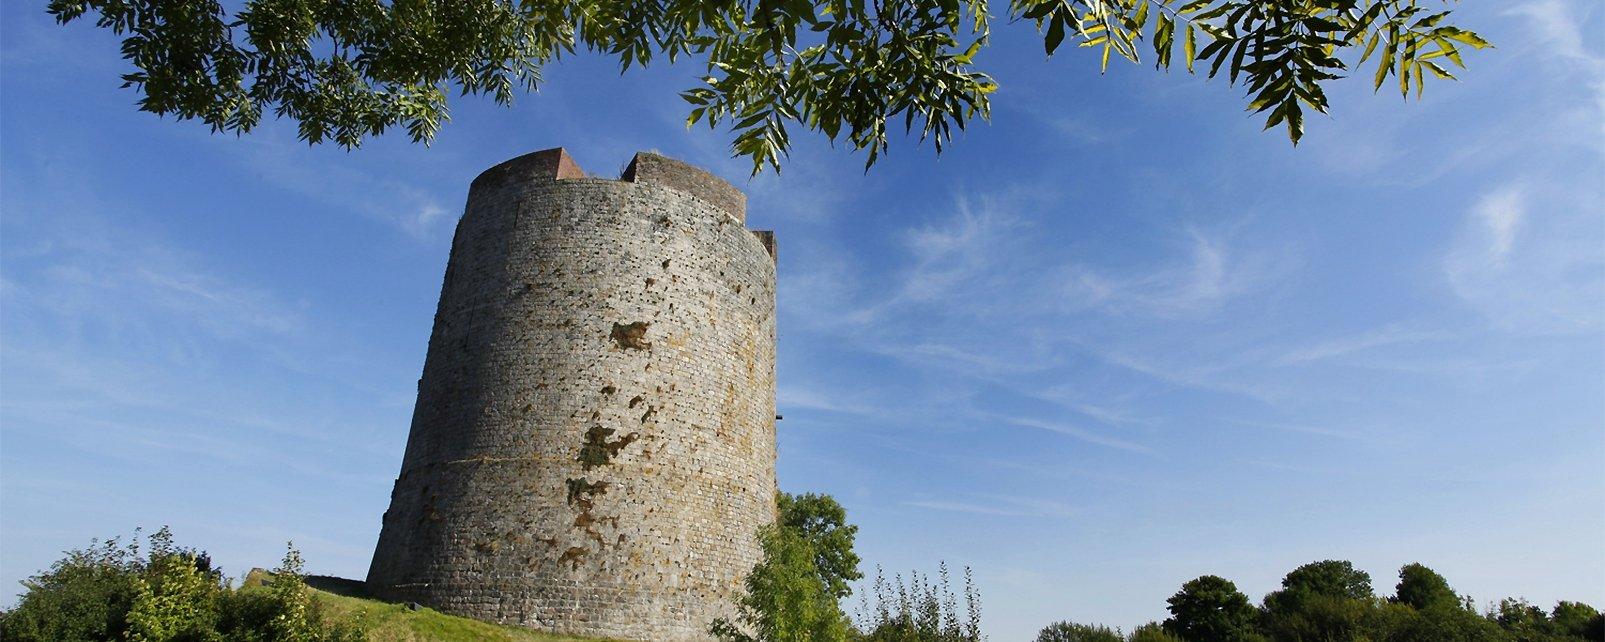 , Castillo fortaleza de Guisa, Los monumentos, Picardía